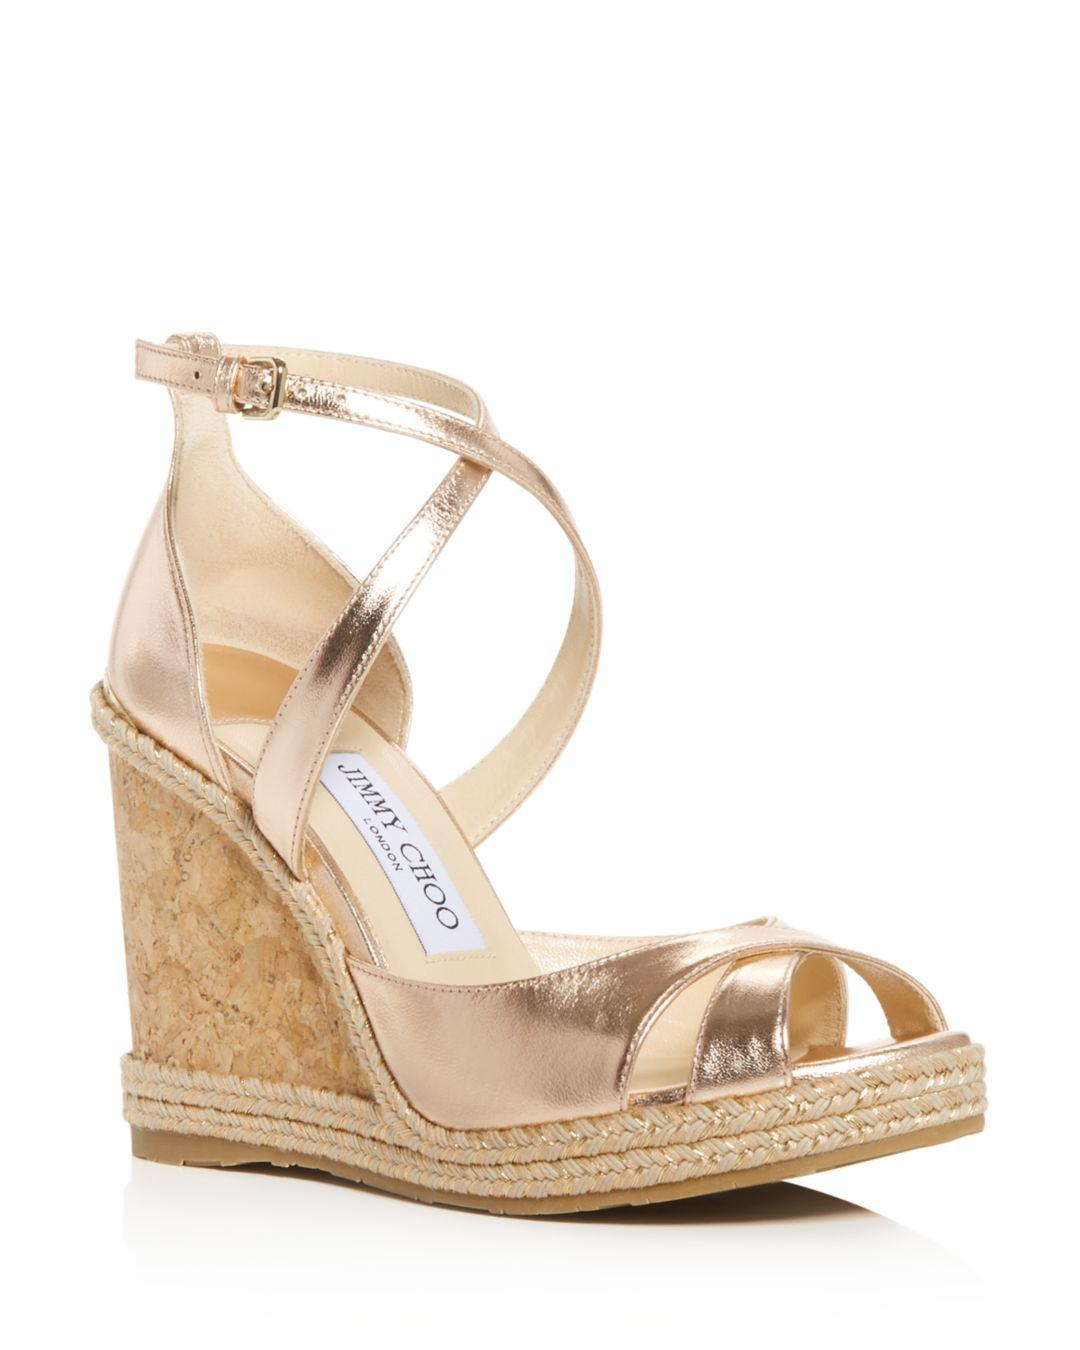 d07b249d05d Lyst - Jimmy Choo Women's Alanah 105 Crisscross Wedge Sandals